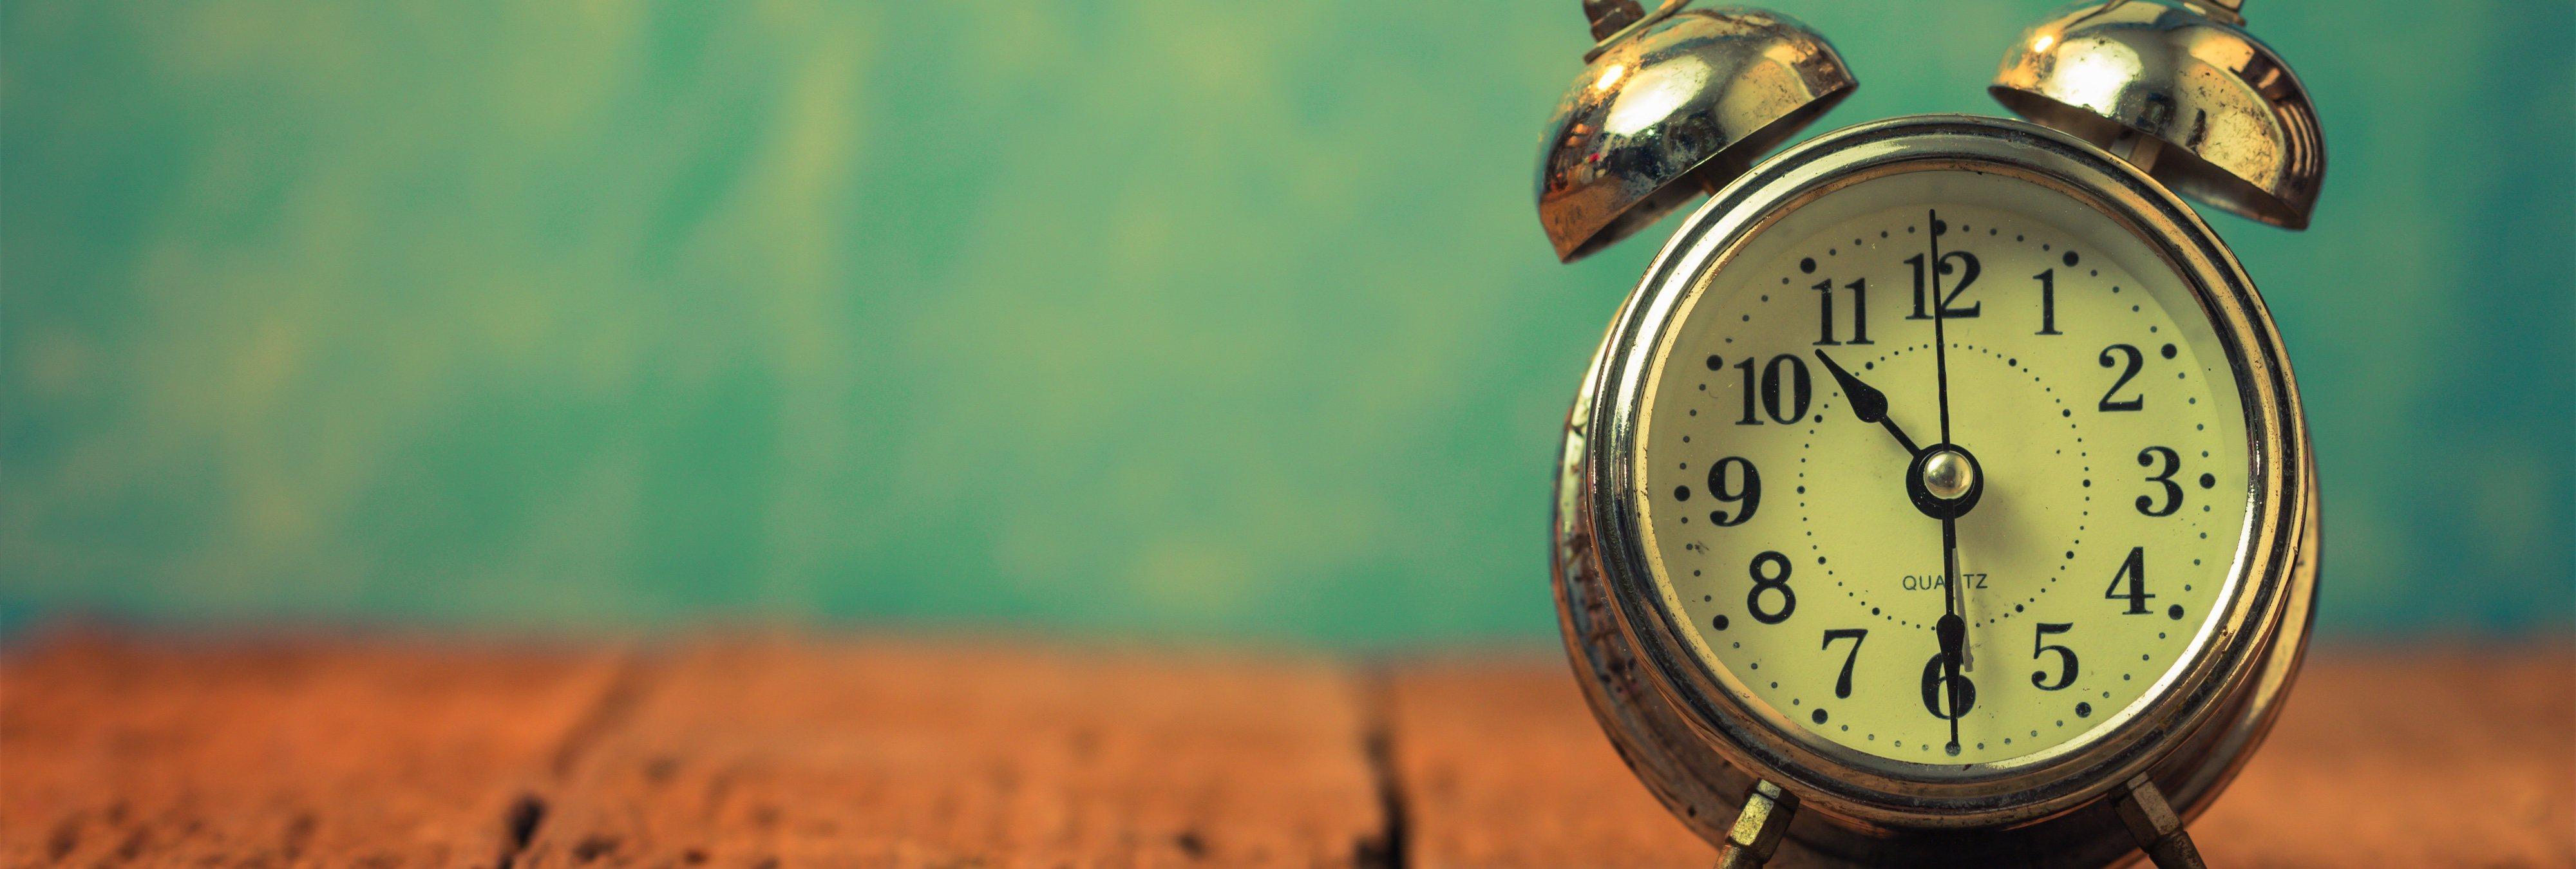 ¿Por qué nos beneficia mantener el horario de verano durante todo el año?